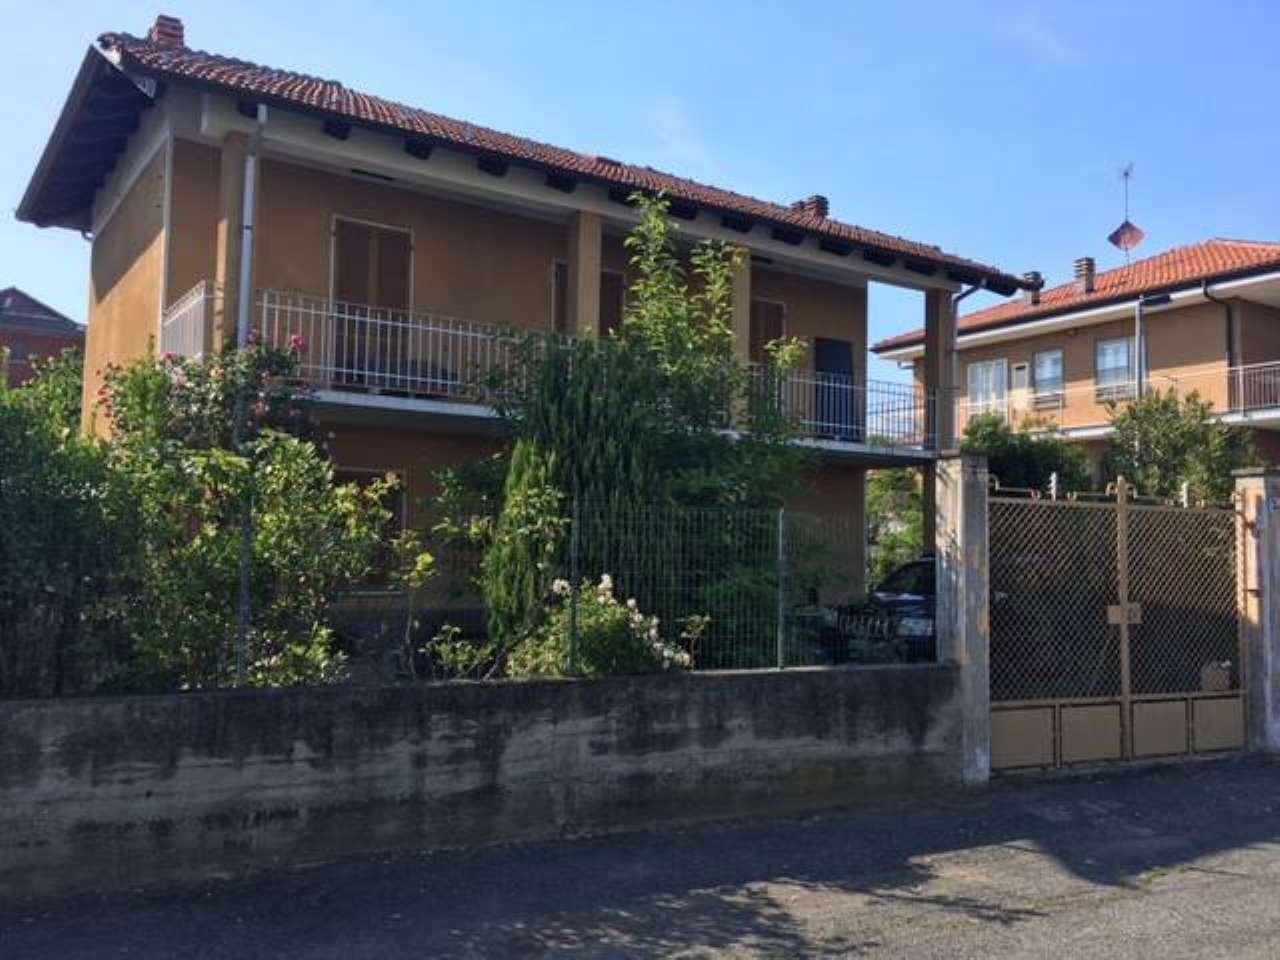 Soluzione Indipendente in vendita a Ciriè, 4 locali, prezzo € 180.000 | CambioCasa.it